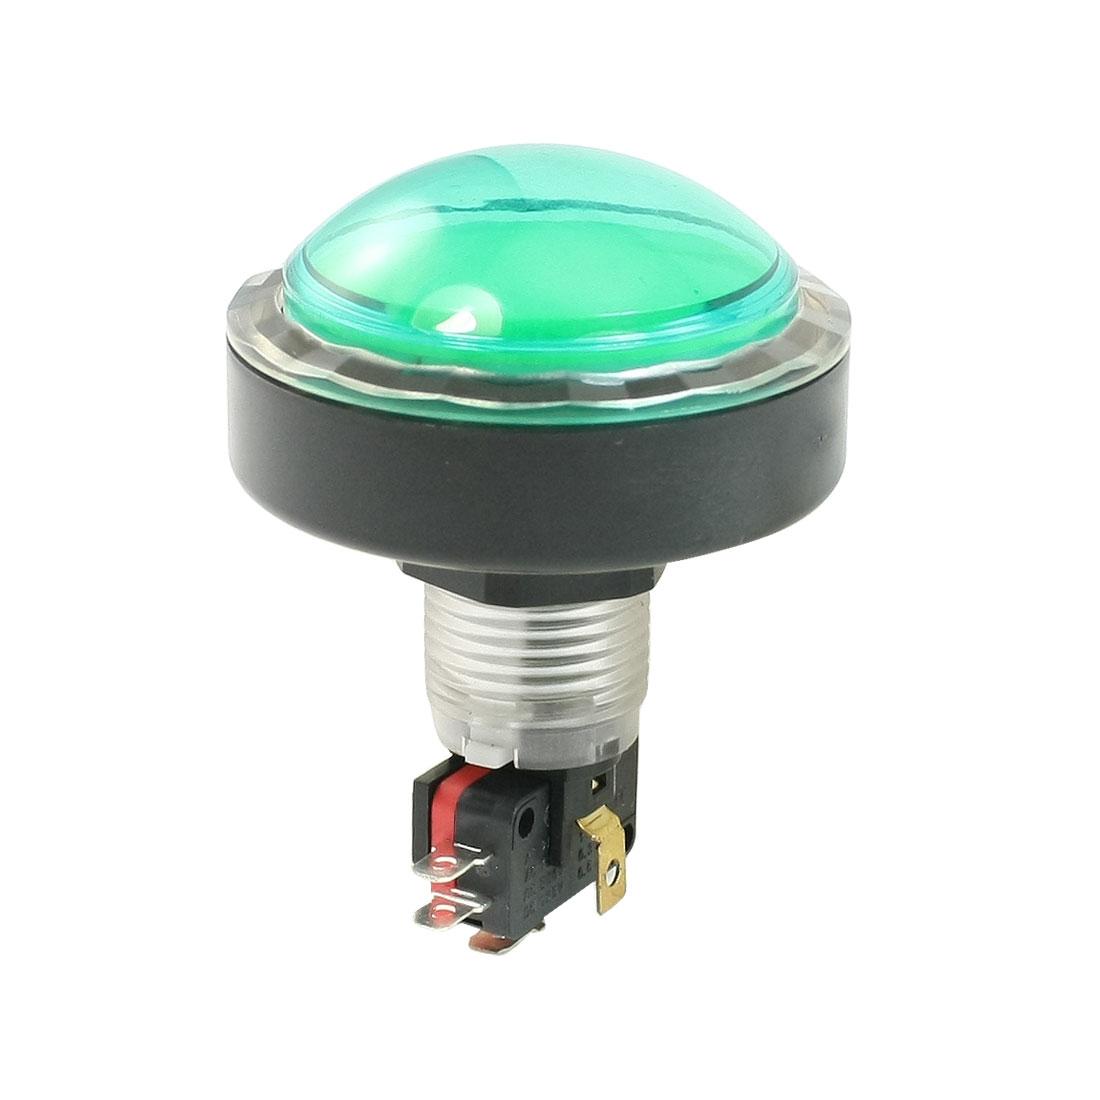 AC 250V/125V 15A 12V DC Lamp Green Circular Push Button Switch